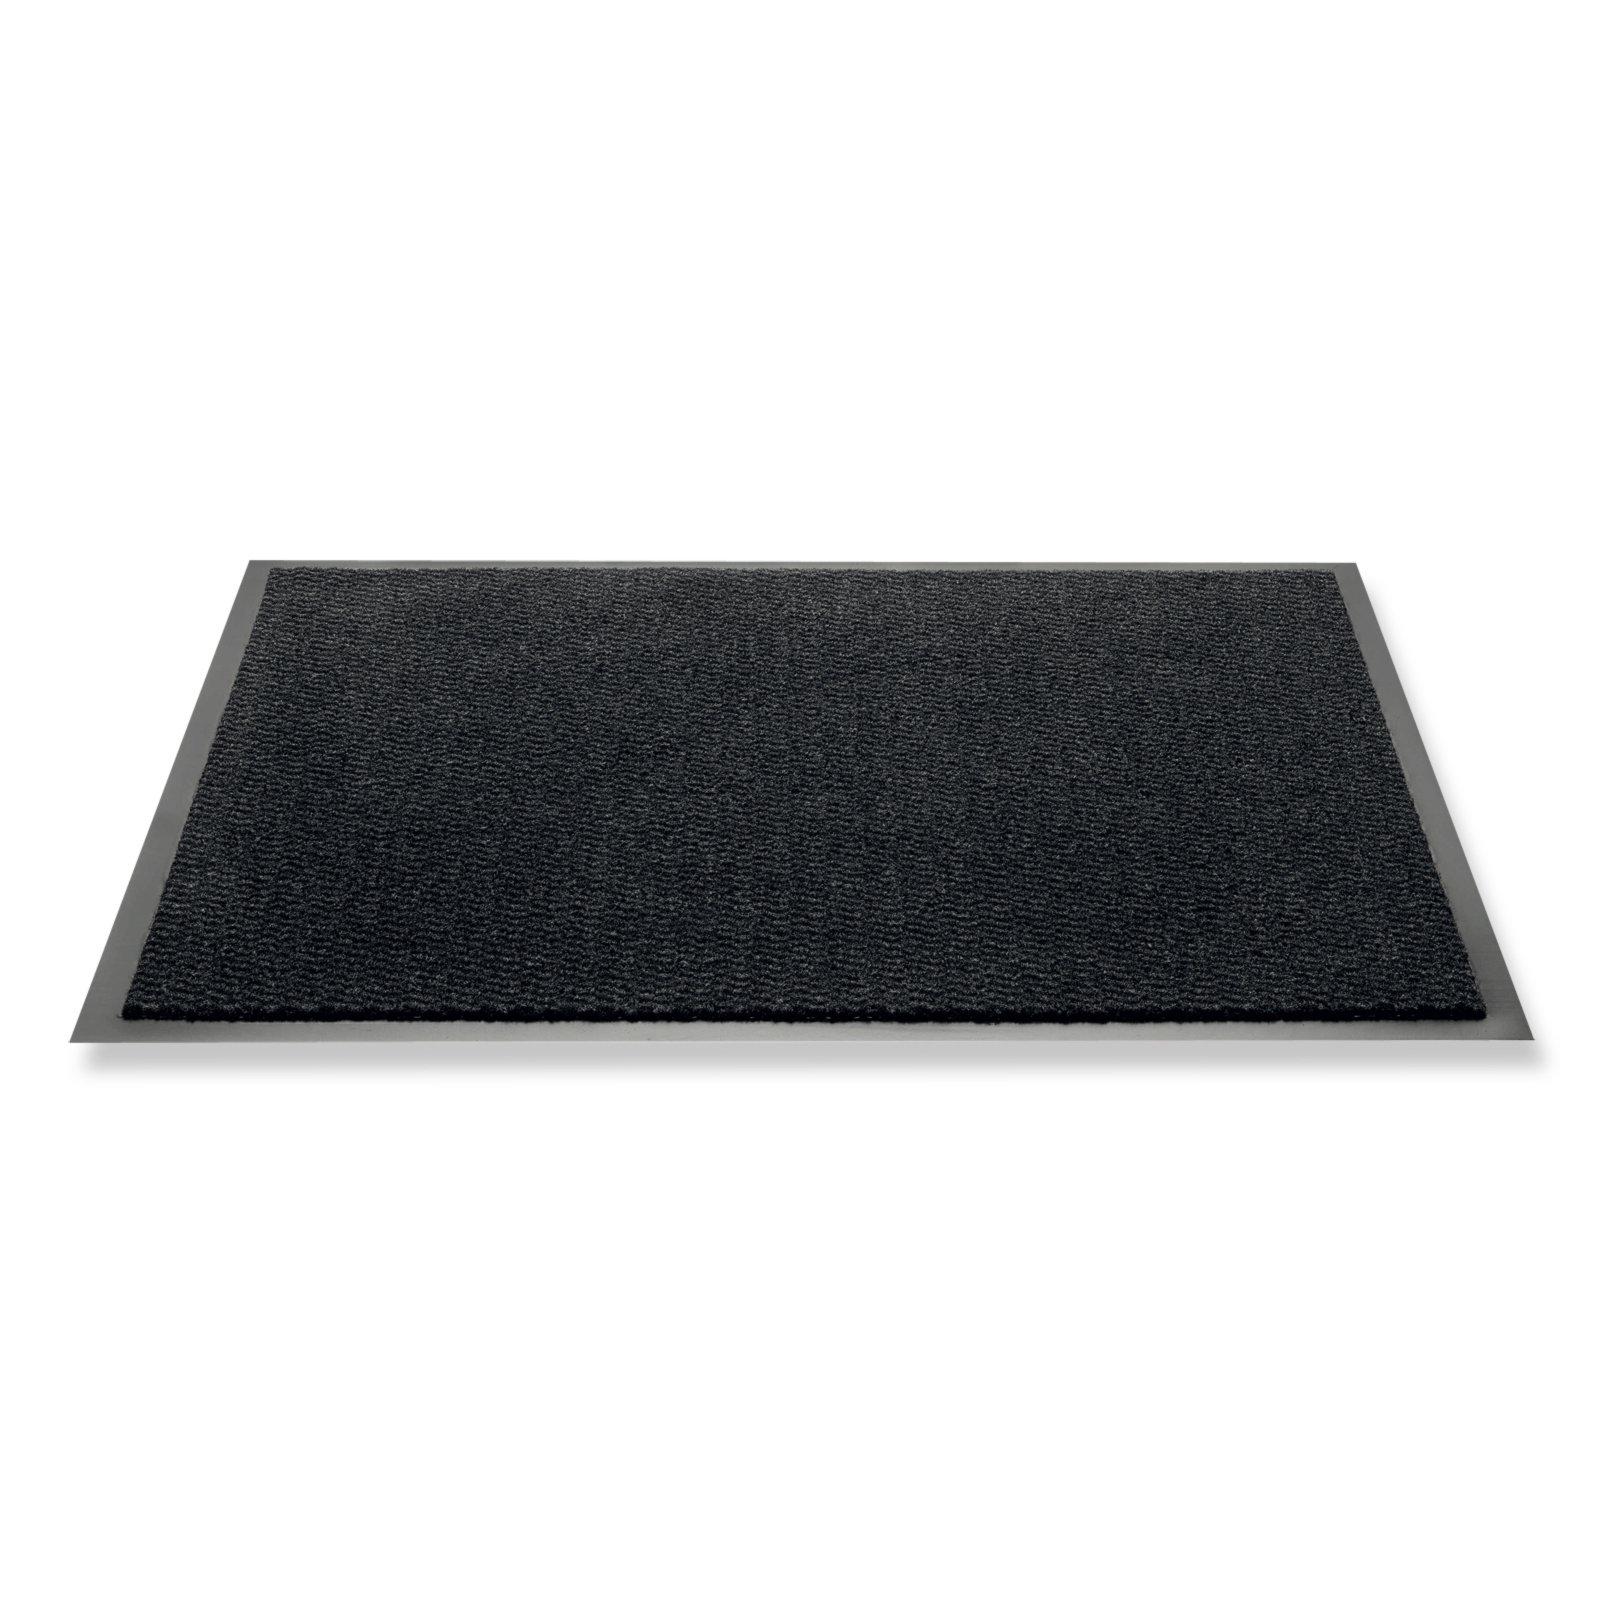 Fußmatte SPECTRUM ANTHRAZIT - 60x80 cm